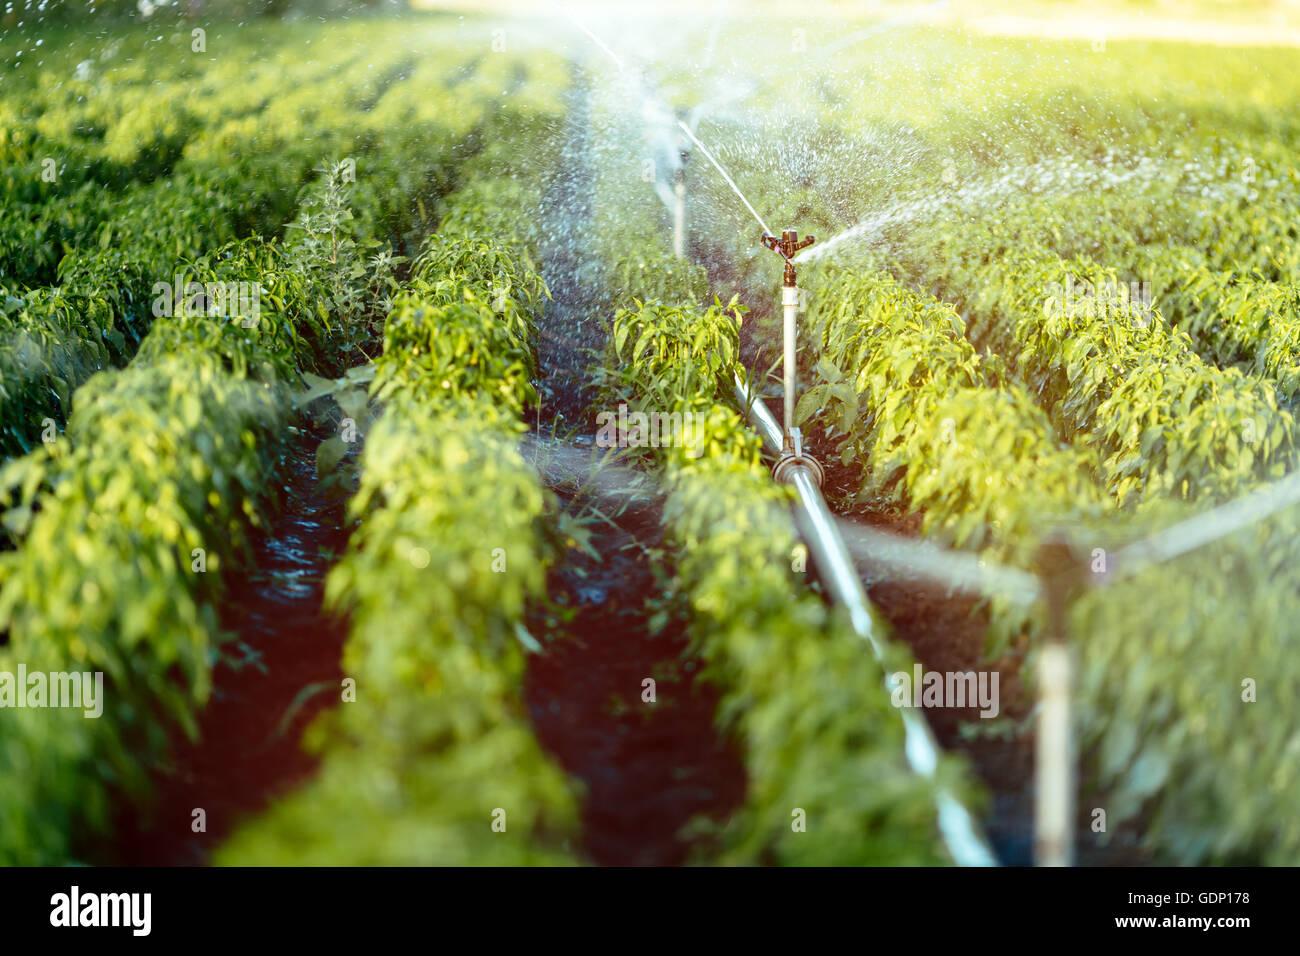 Impianto di irrigazione in funzione di irrigazione di piante agricole Immagini Stock